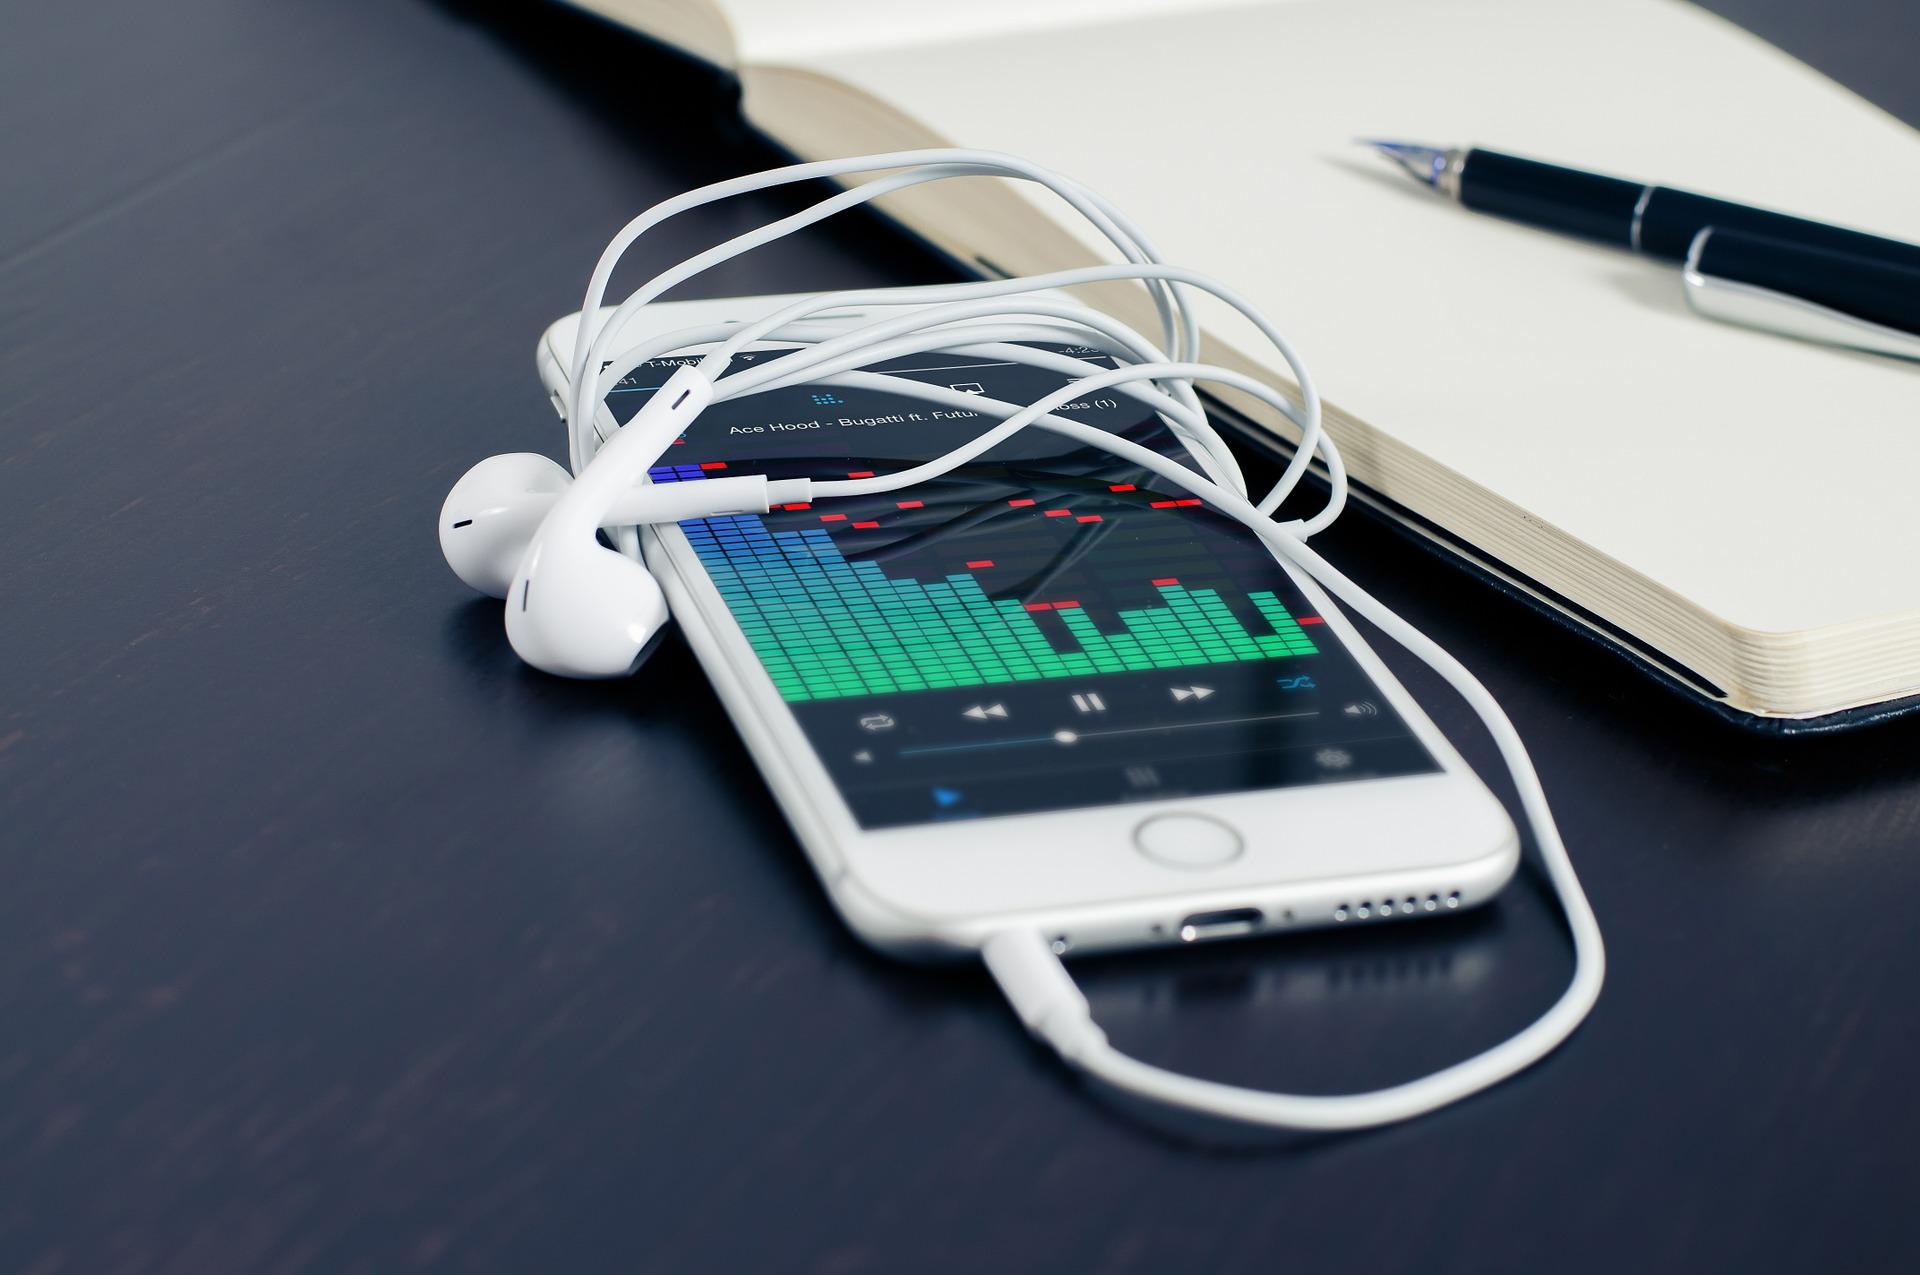 Musik från mobiltelefon